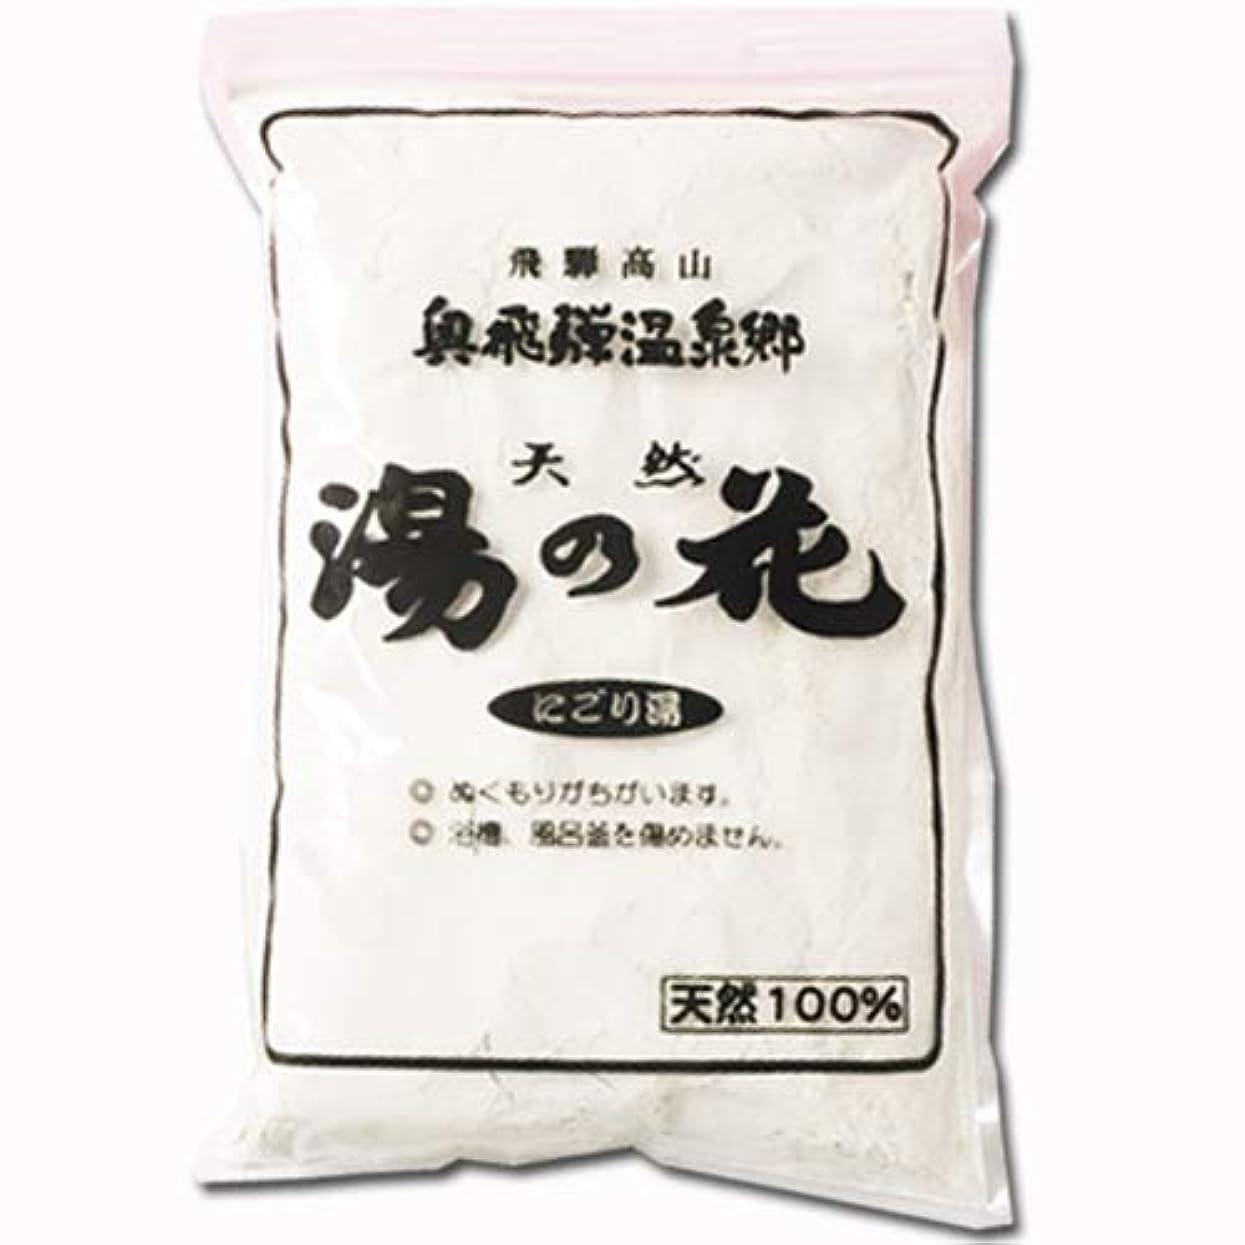 予見する怒って国歌天然湯の花 (業務用) 1kg (飛騨高山温泉郷 にごり湯)